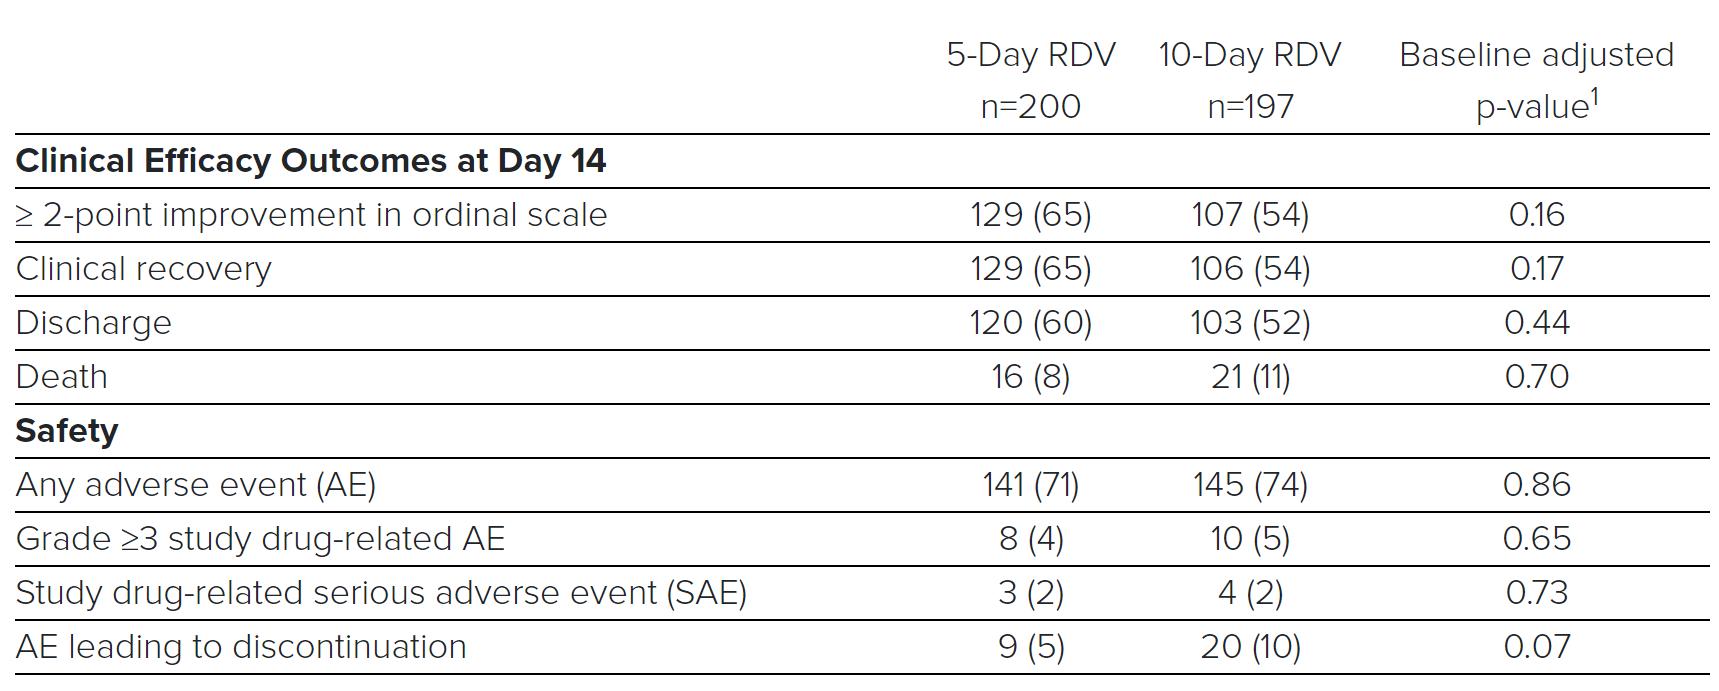 吉利德公布瑞德西韦Ⅲ期数据 缩短疗程或不影响疗效